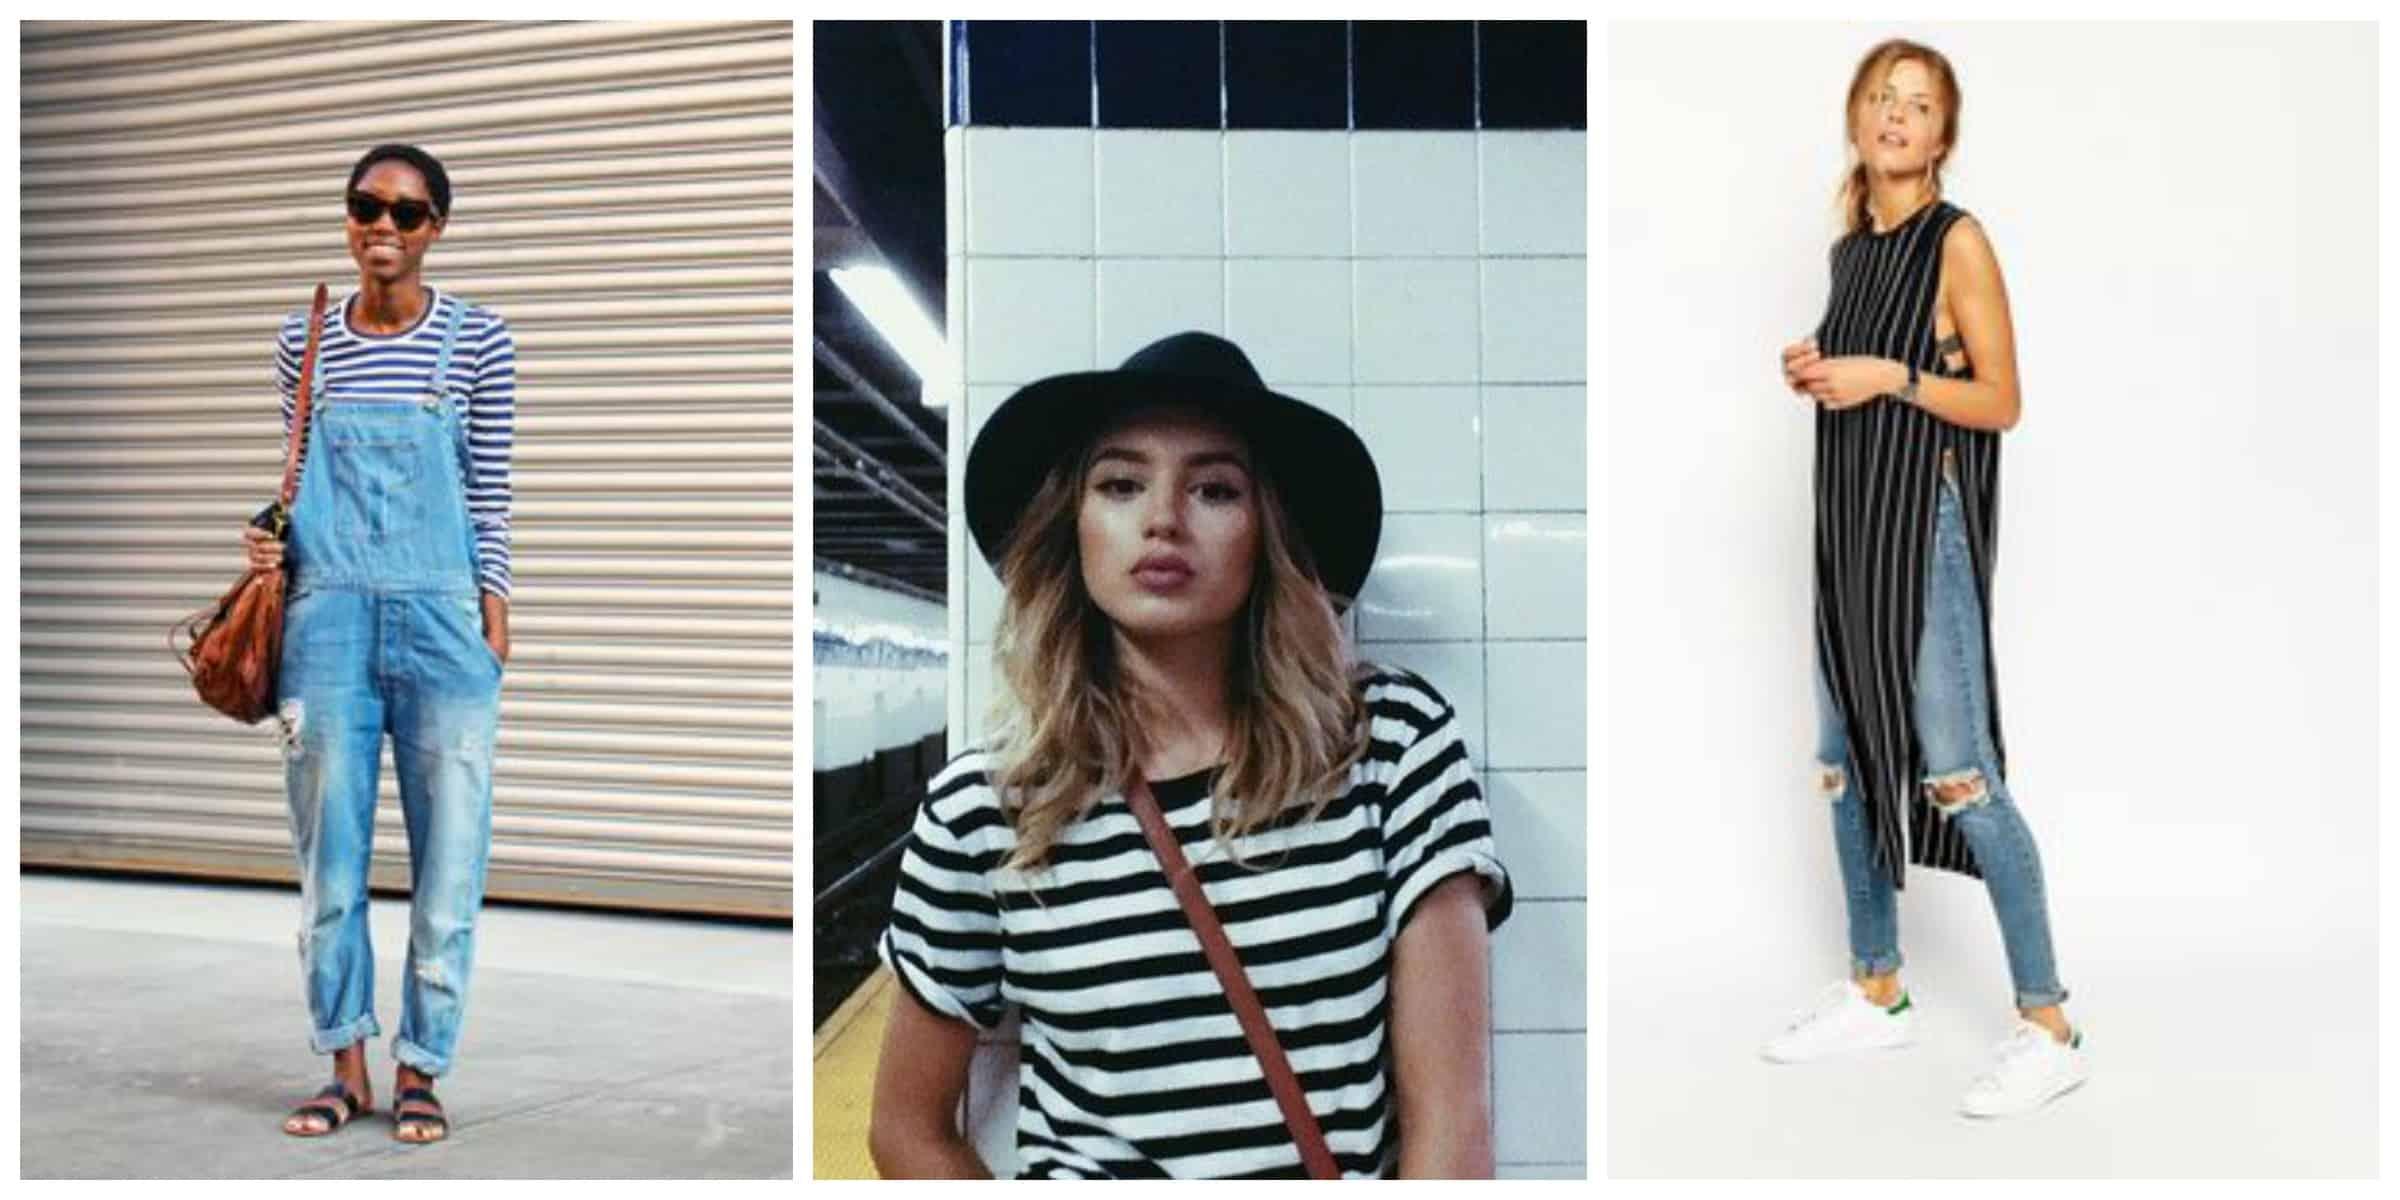 Модные принты 2015 года: полоска актуальна как никогда